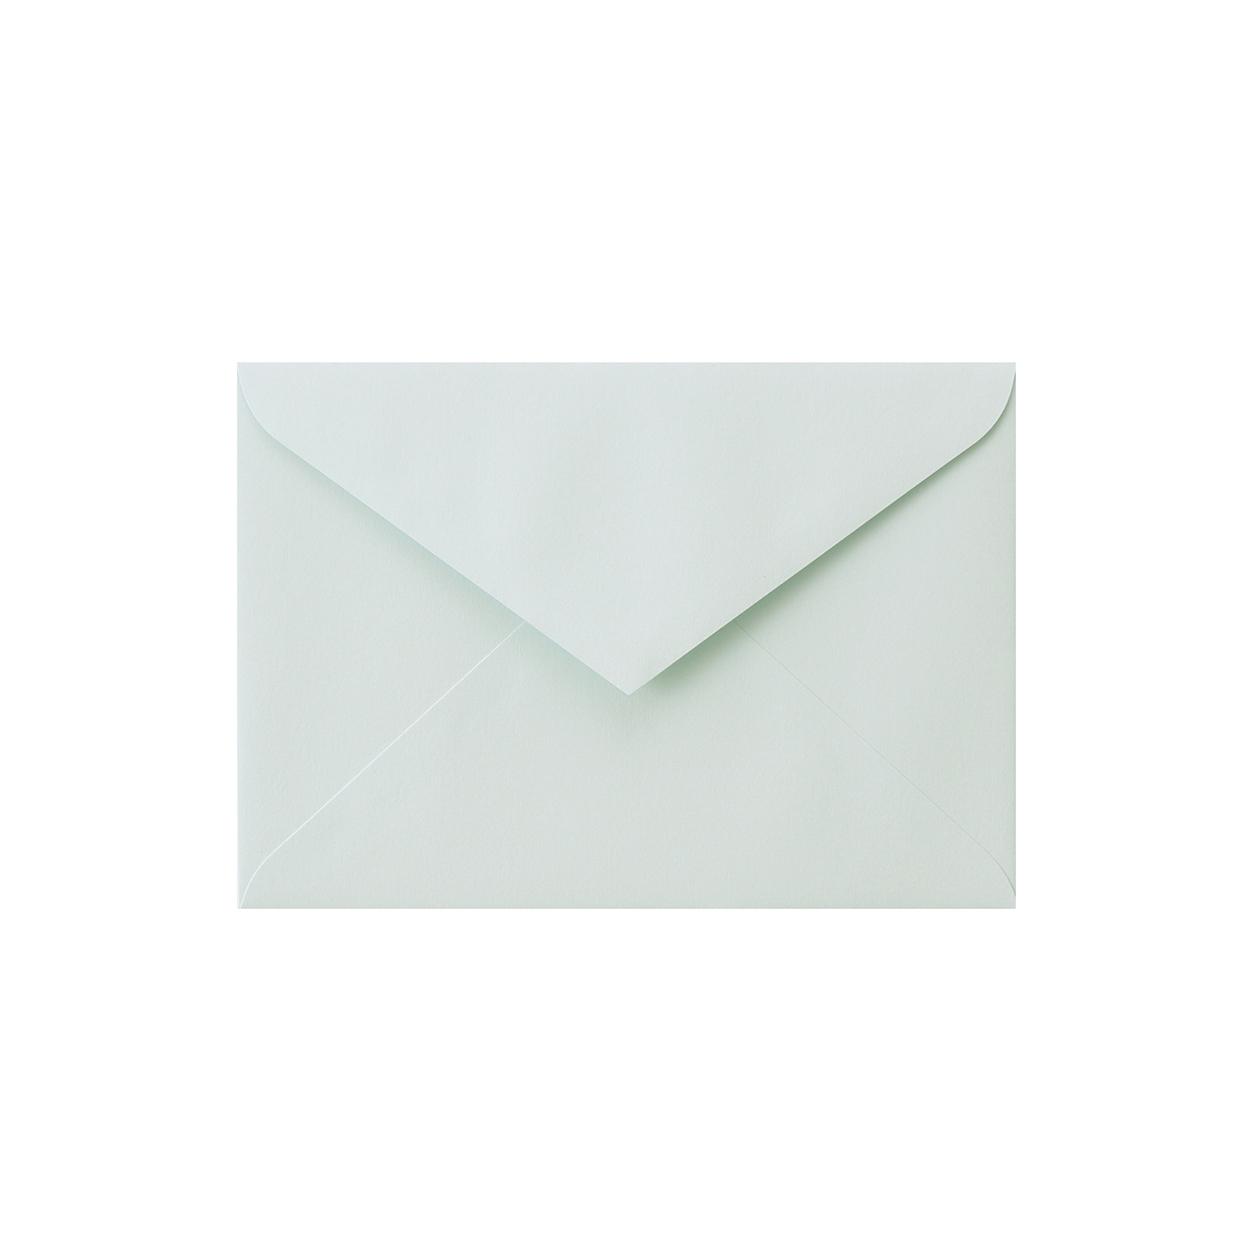 洋2ダイア封筒 コットン ブルー 116.3g